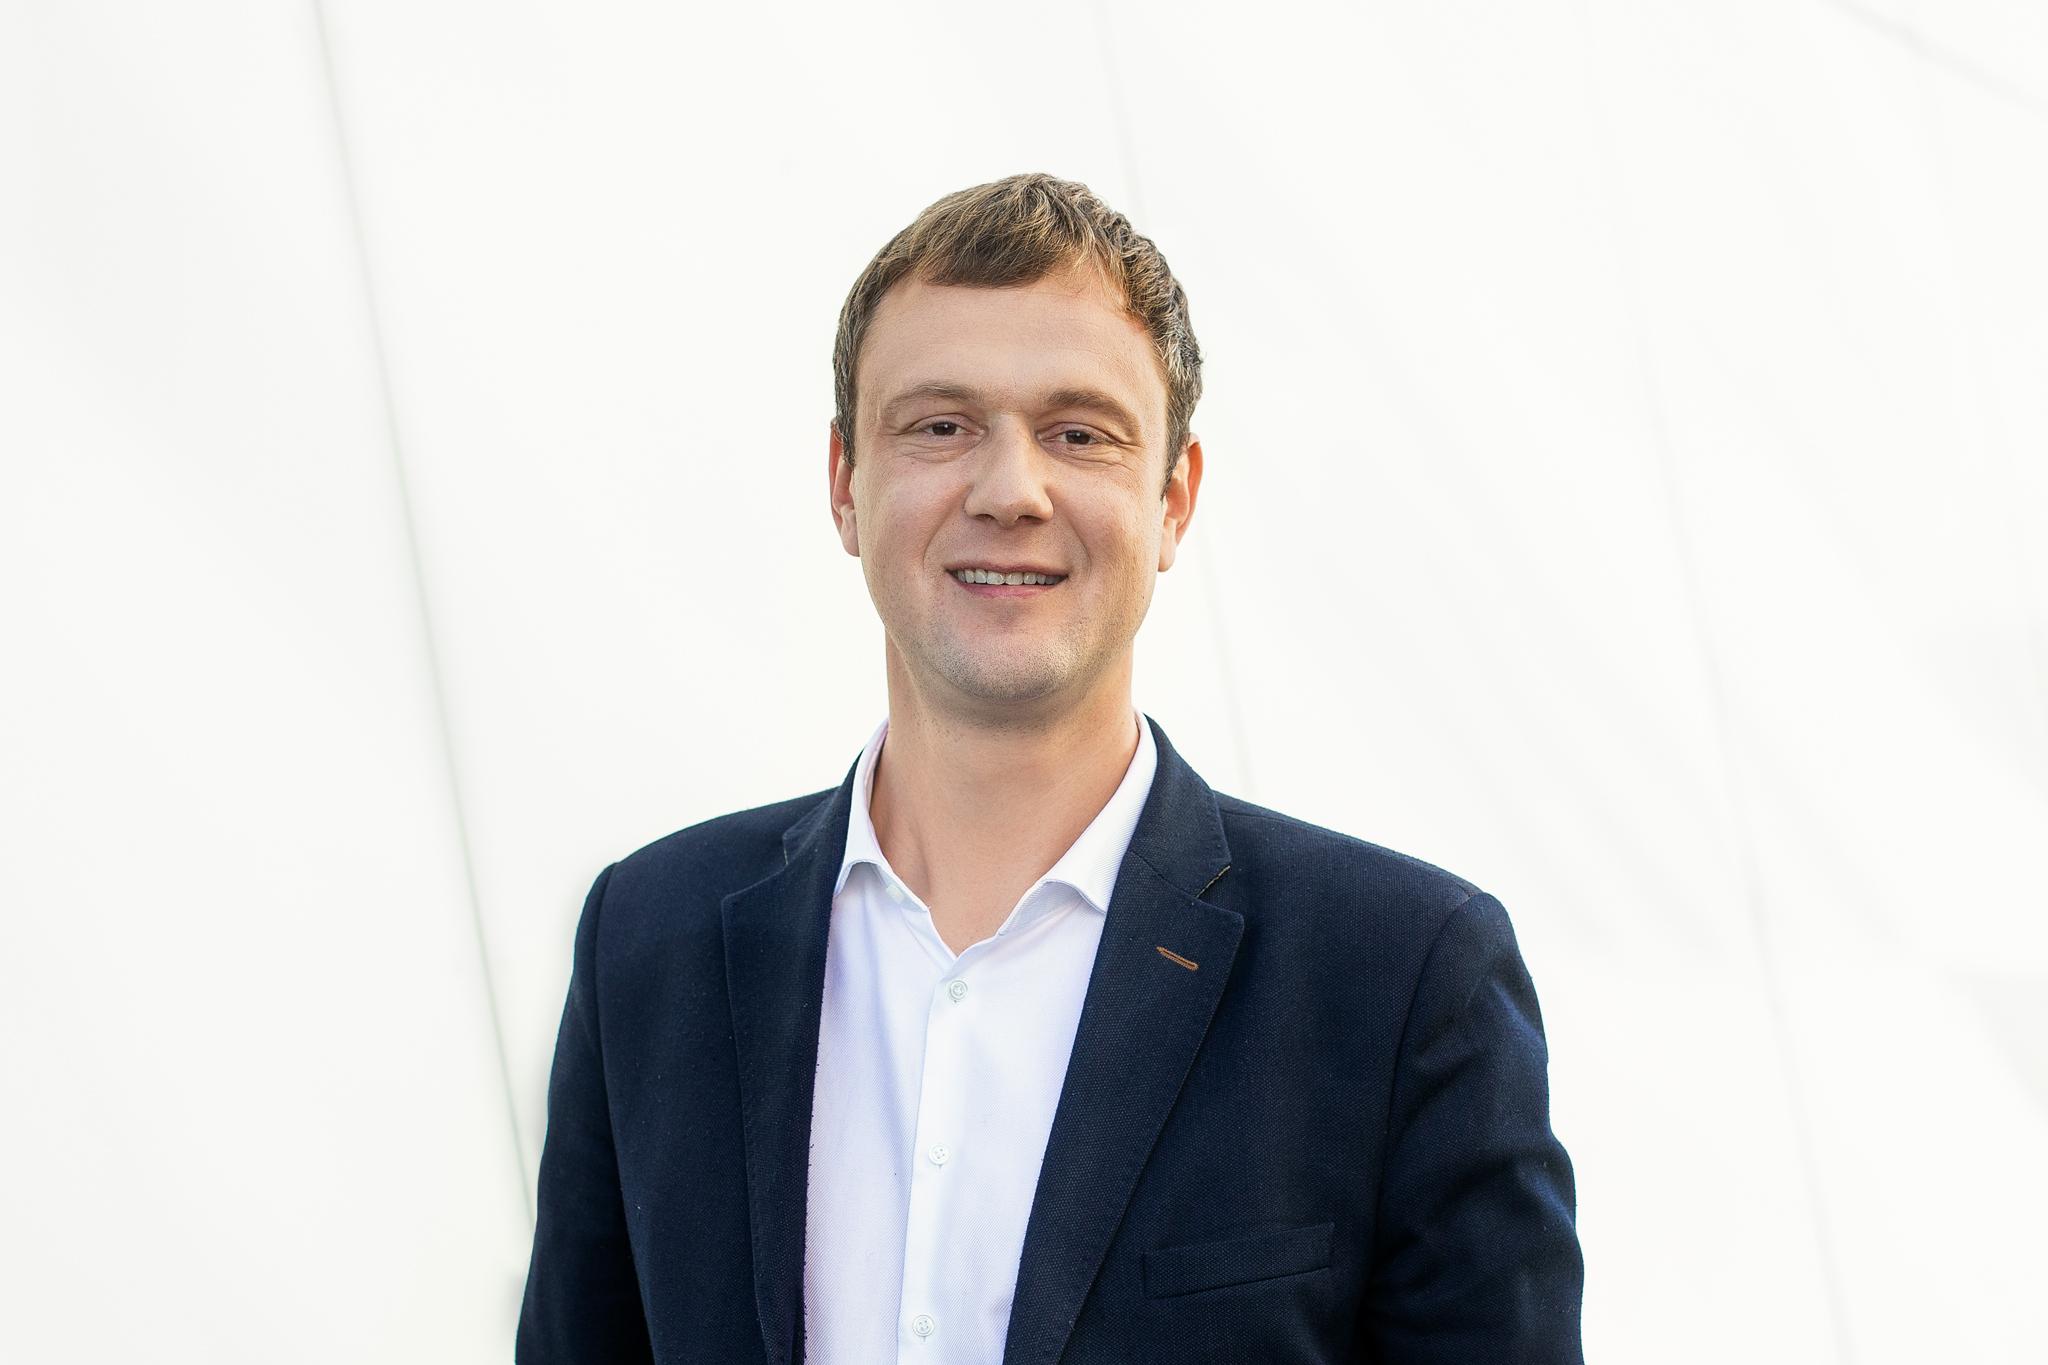 Klientų pažinimo startuolis pritraukė 450 tūkst. Eur investiciją